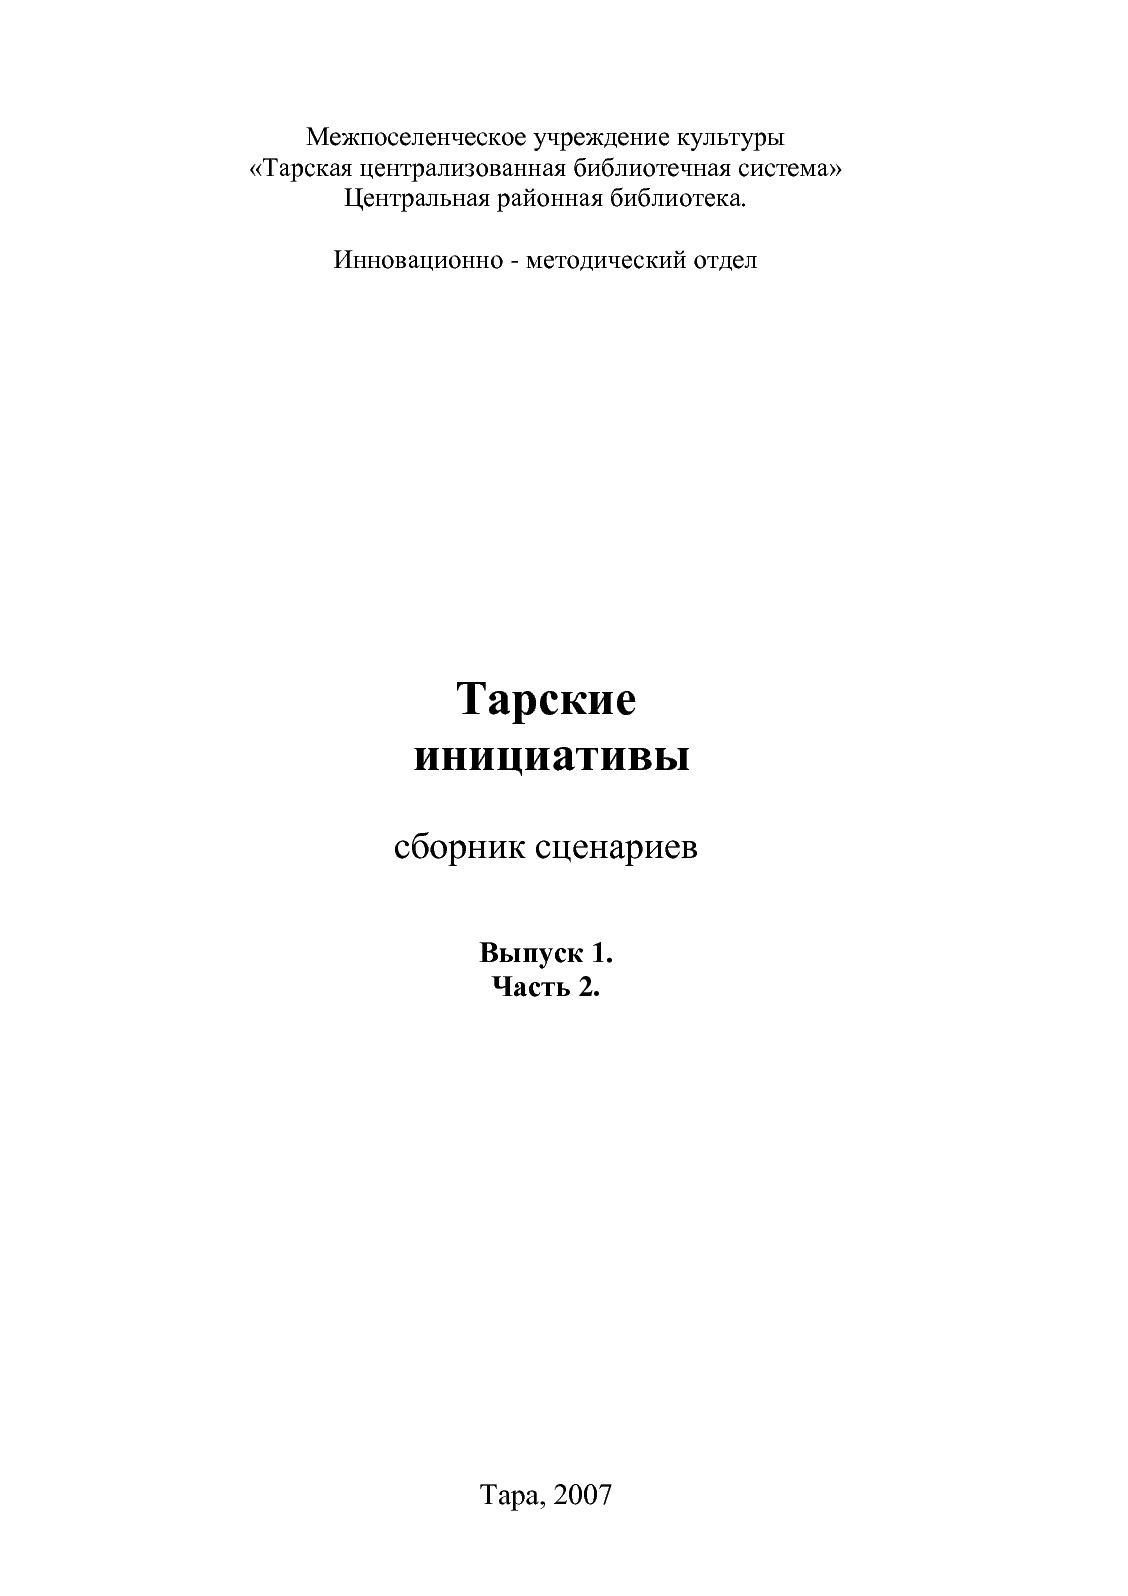 Calaméo - Тарские инициативы b058961bf4c91